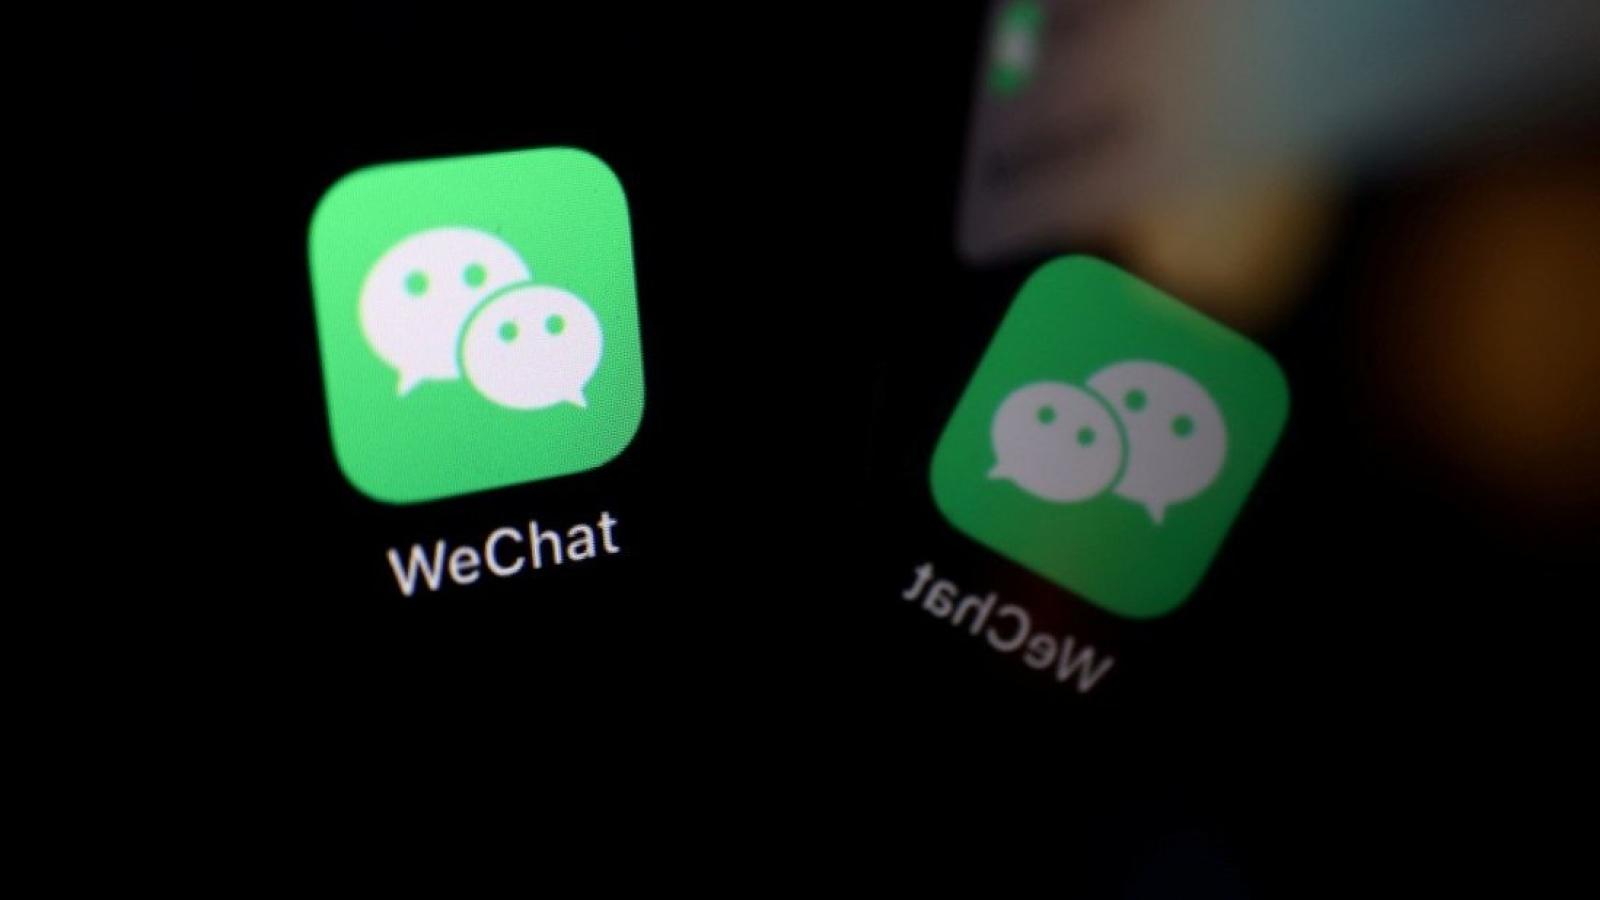 Ứng dụng WeChat của Trung Quốc bị phát hiện 'lén' xem kho ảnh của người dùng